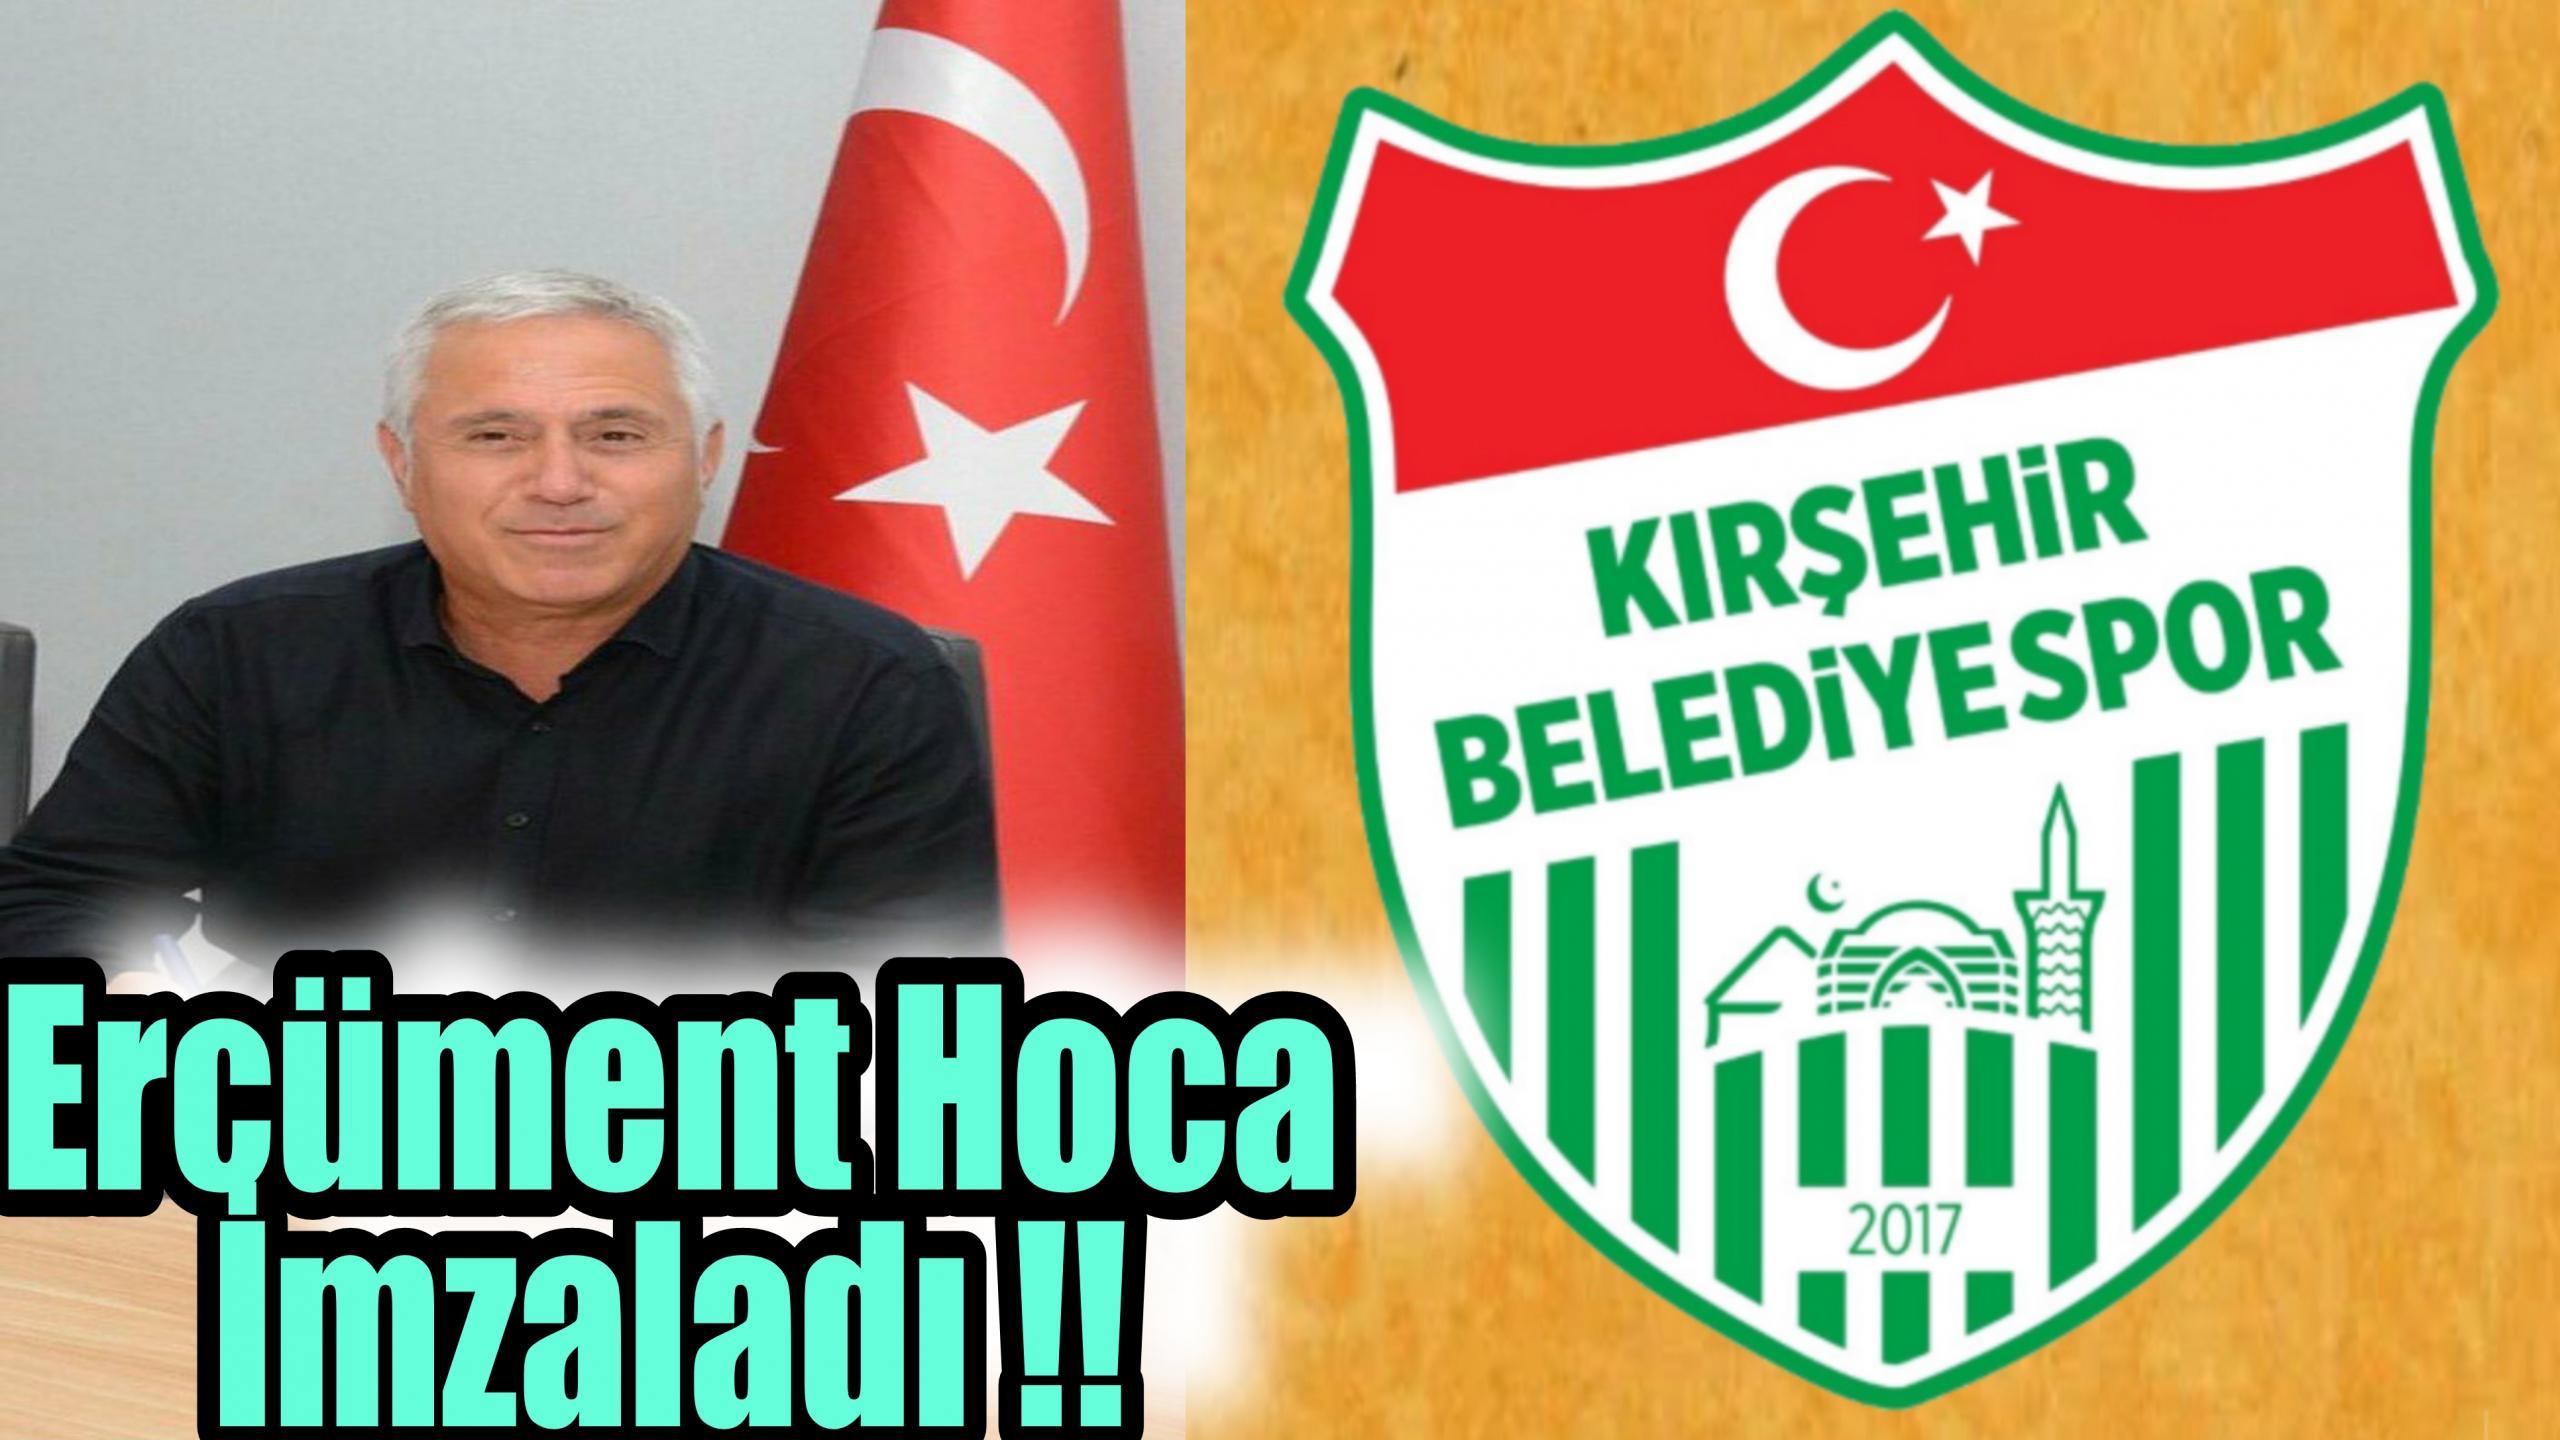 KIRŞEHİR BELEDİYESPOR ERCÜMENT HOCA İLE ANLAŞTI !!